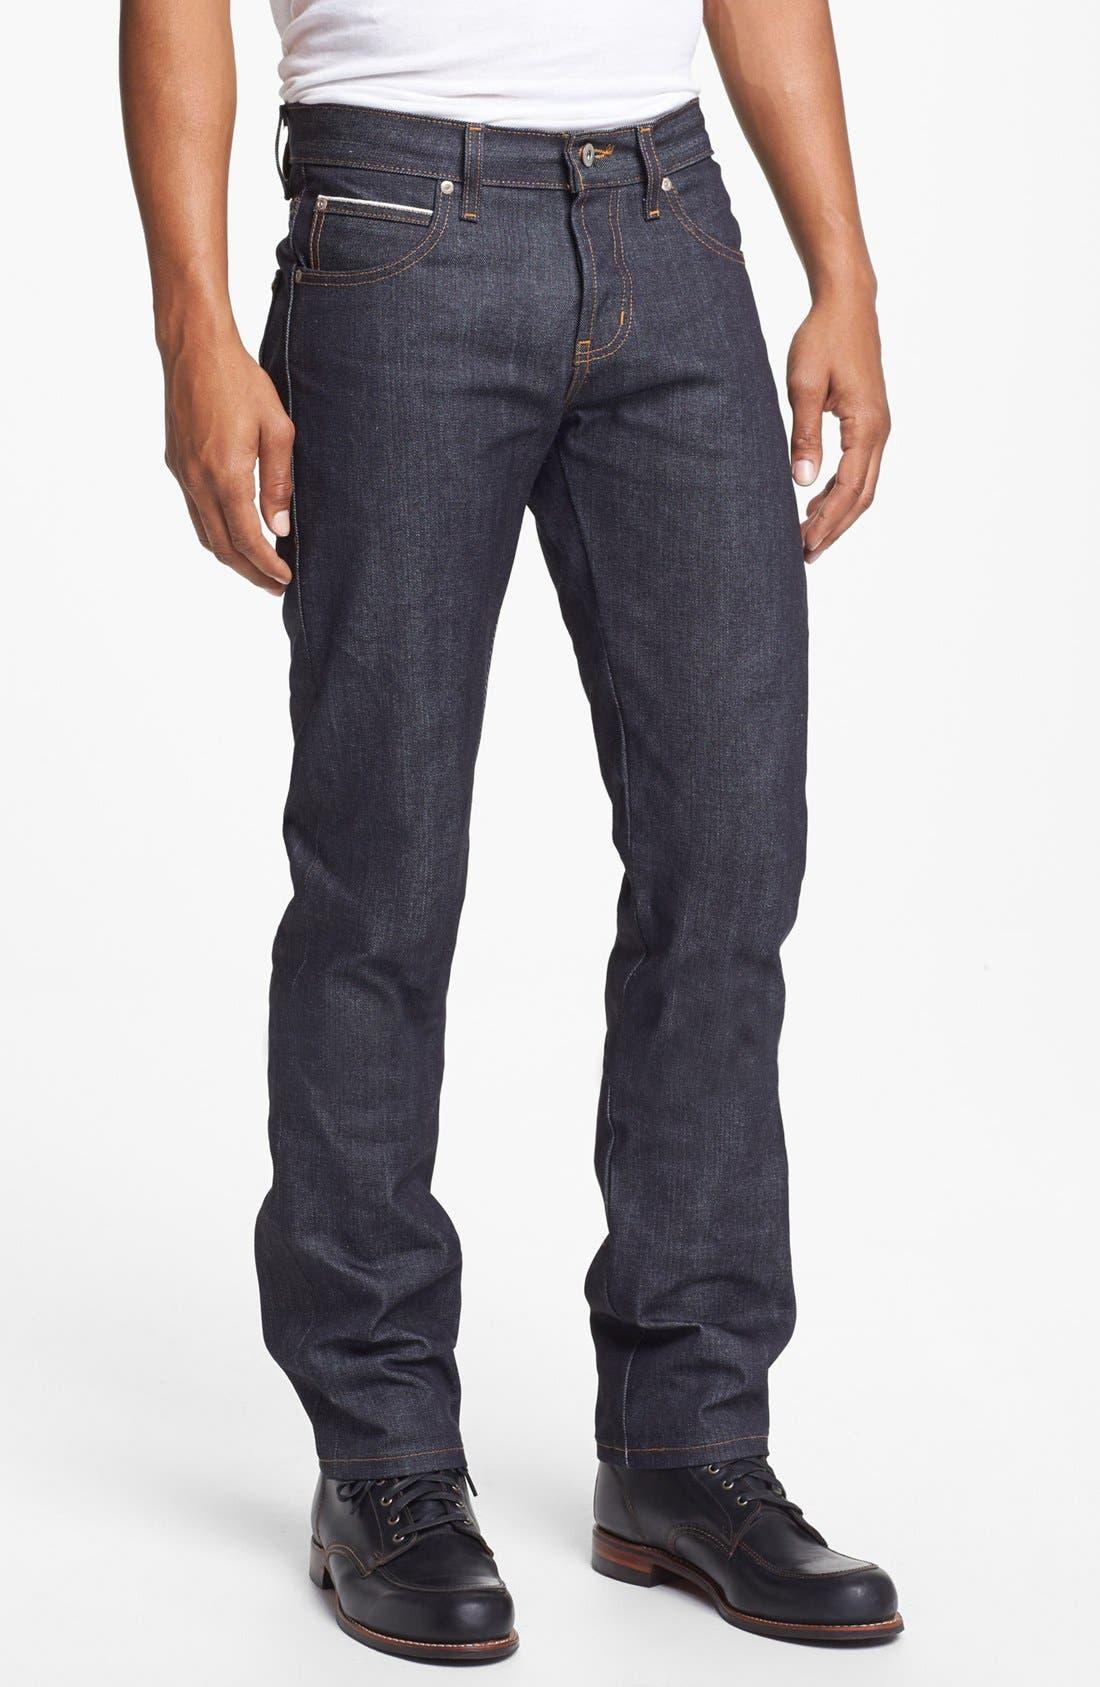 Naked & Famous Denim Skinny Guy Skinny Fit Raw Selvedge Jeans (Left Hand Twill Selvedge)